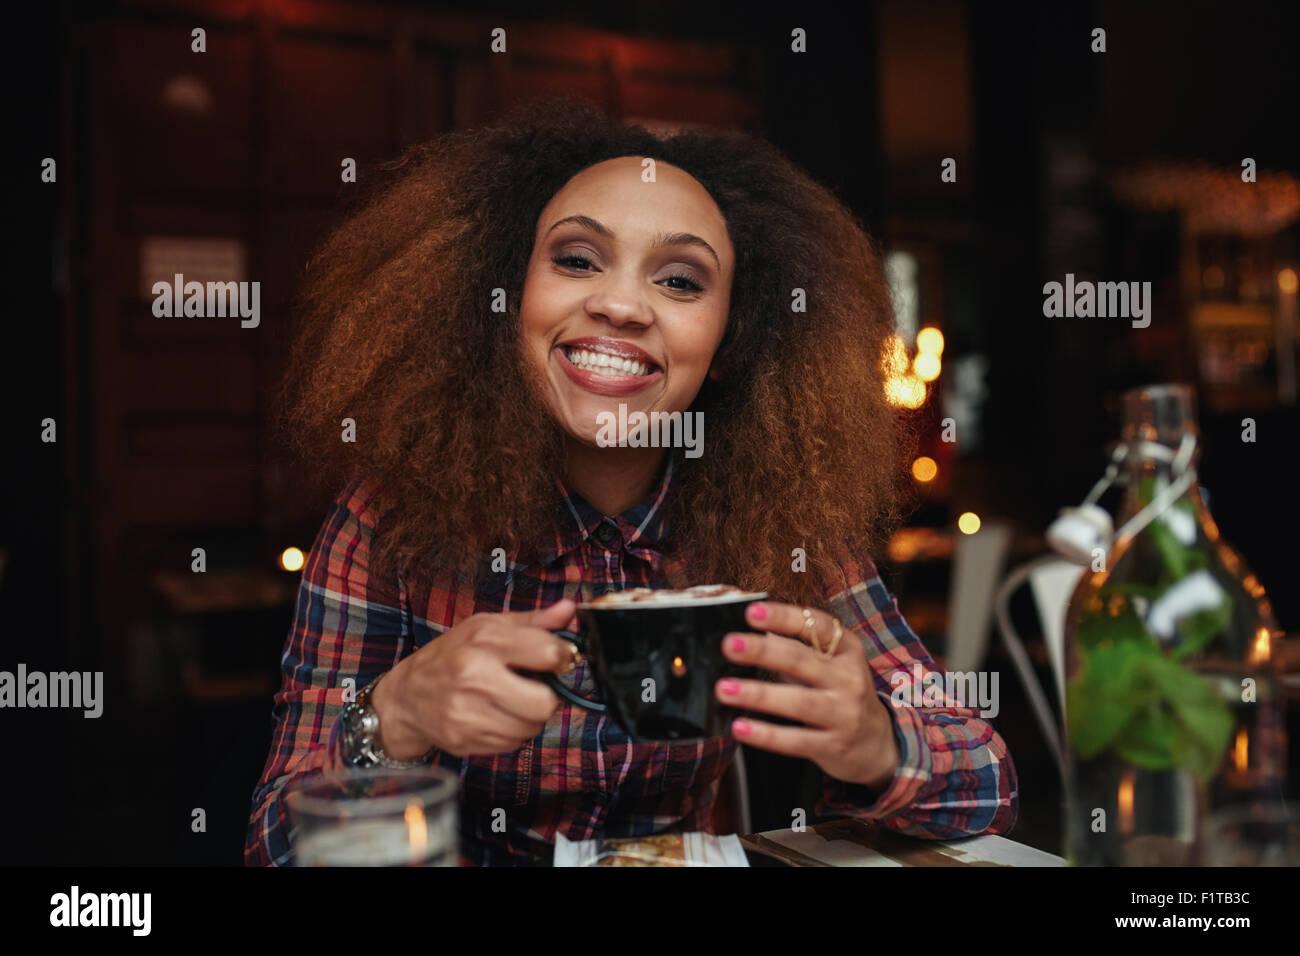 Ritratto di giovane donna di bere il caffè. Donna africana seduto presso il cafe tenendo una tazza di caffè, Immagini Stock